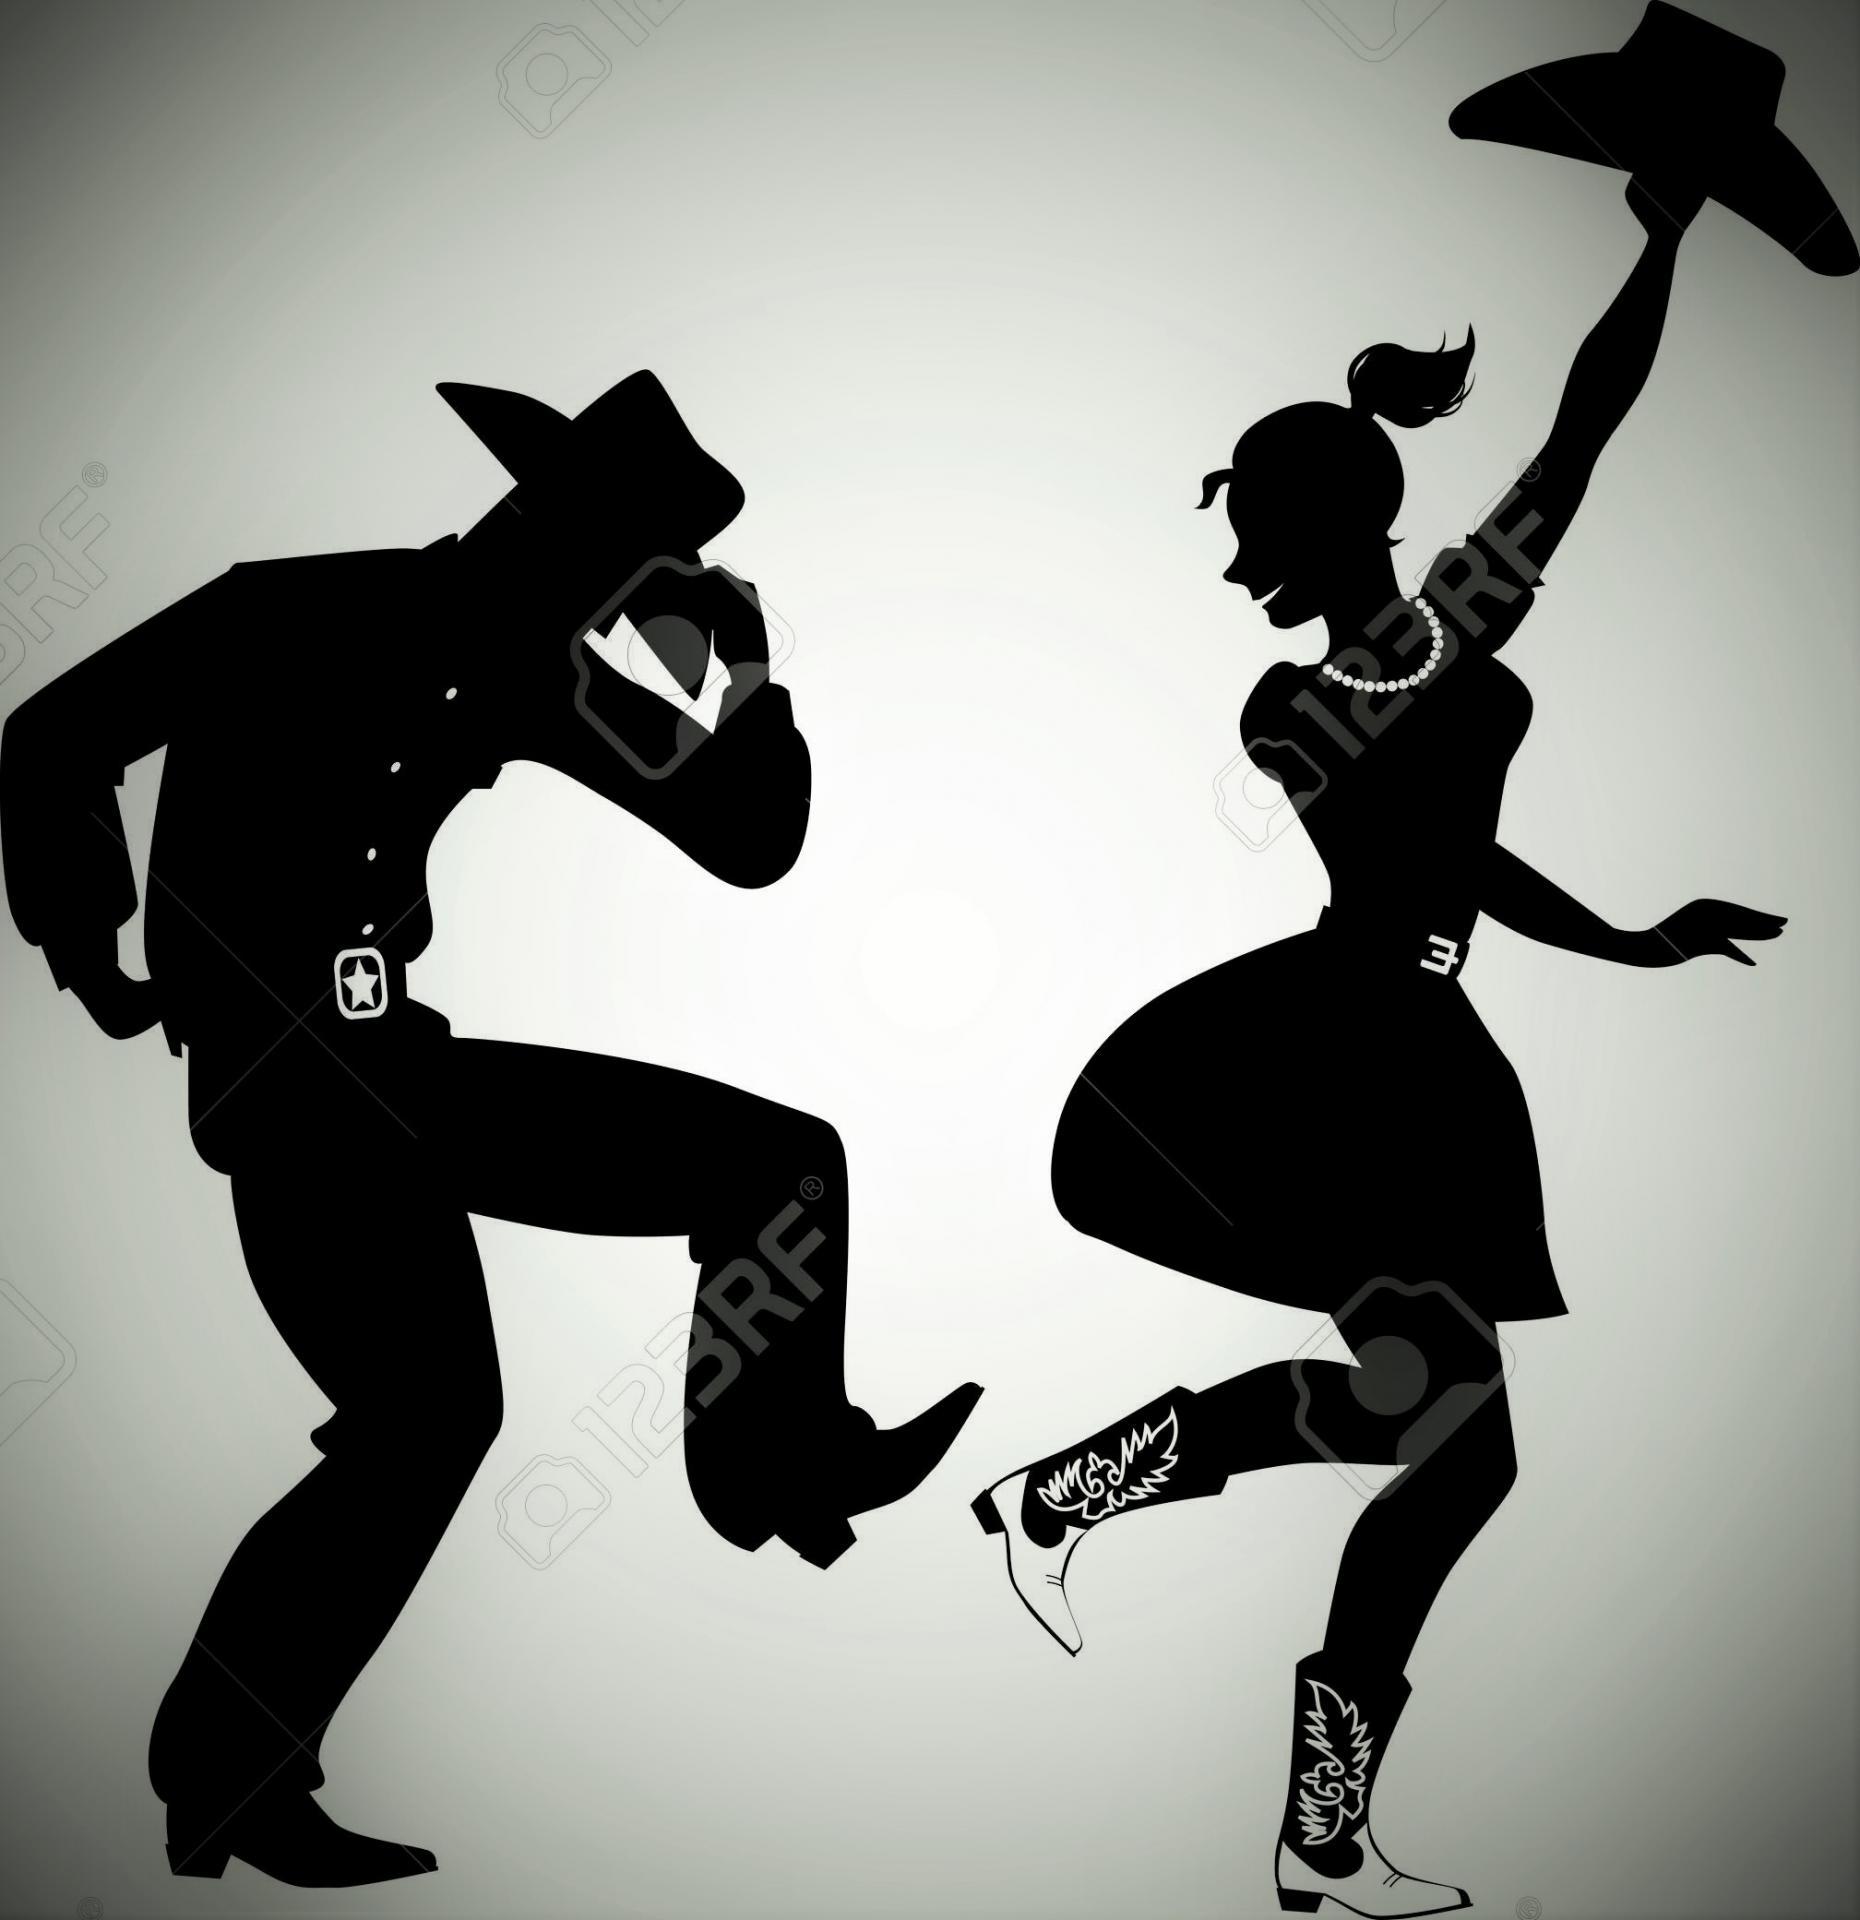 37354449 silhouette noire d un couple habill dans des v tements traditionnels occidentaux style bottes de cow banque d images copie